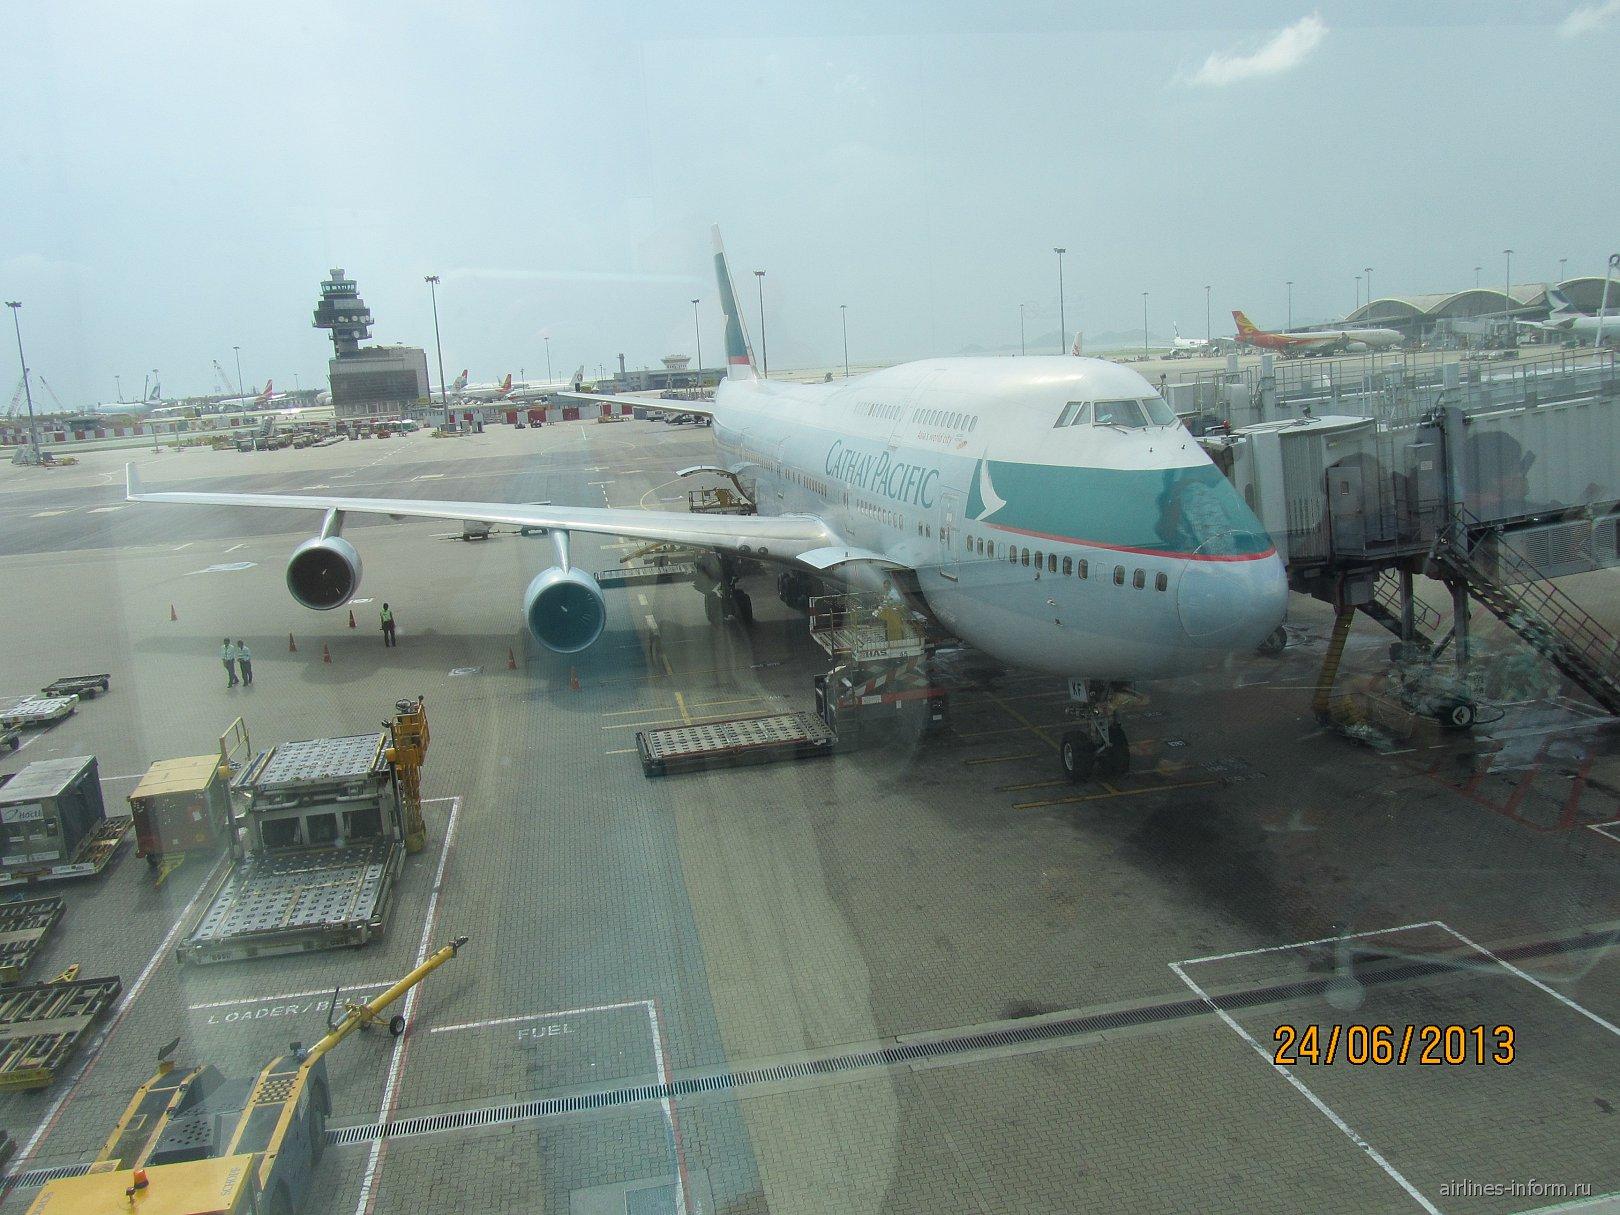 Боинг-747-400 авиакомпании Cathay Pacific